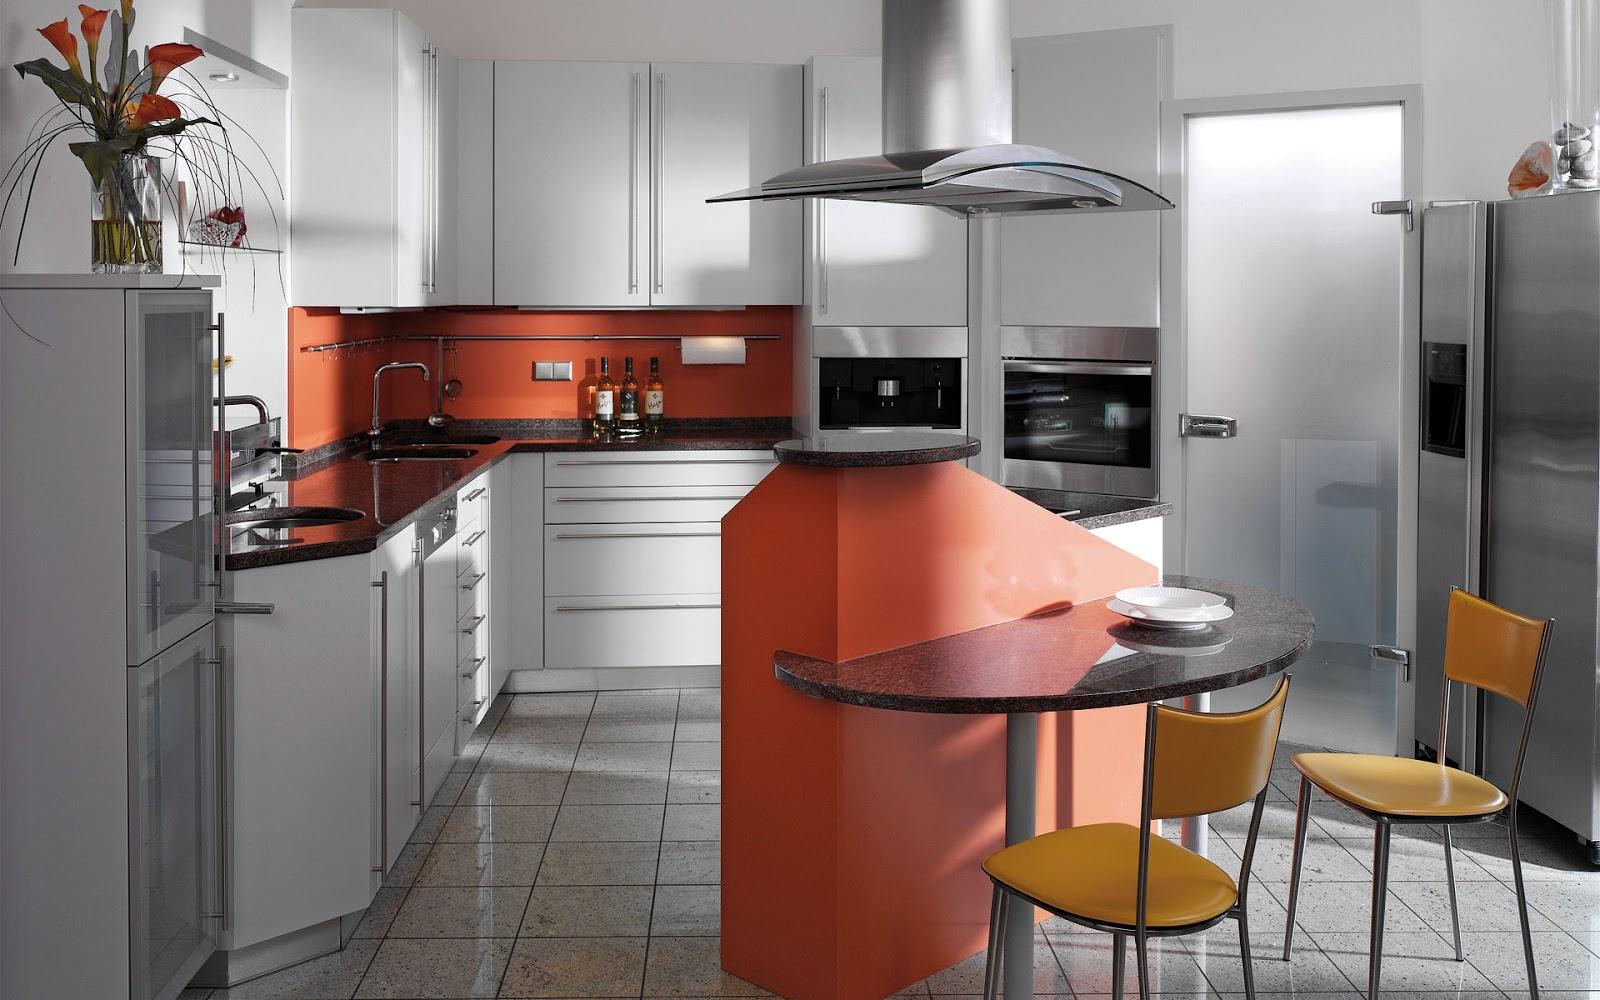 30 ideas de mesas y barras para comer en la cocina for Comedores circulares modernos